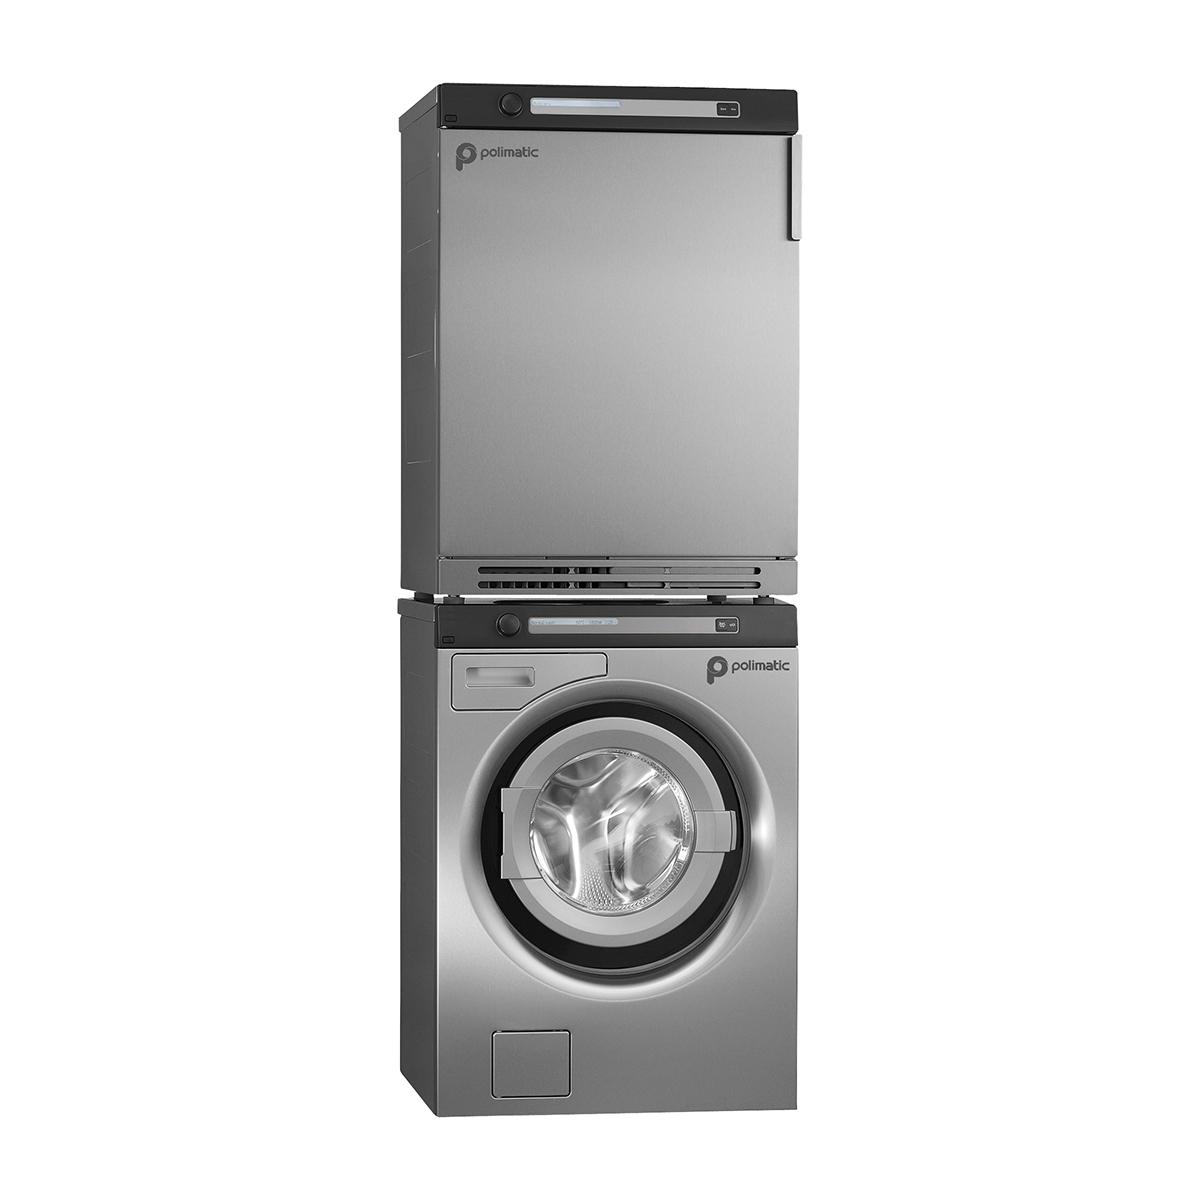 Polimatic columna sc 65 damm 6 - Medidas de lavadoras y secadoras ...